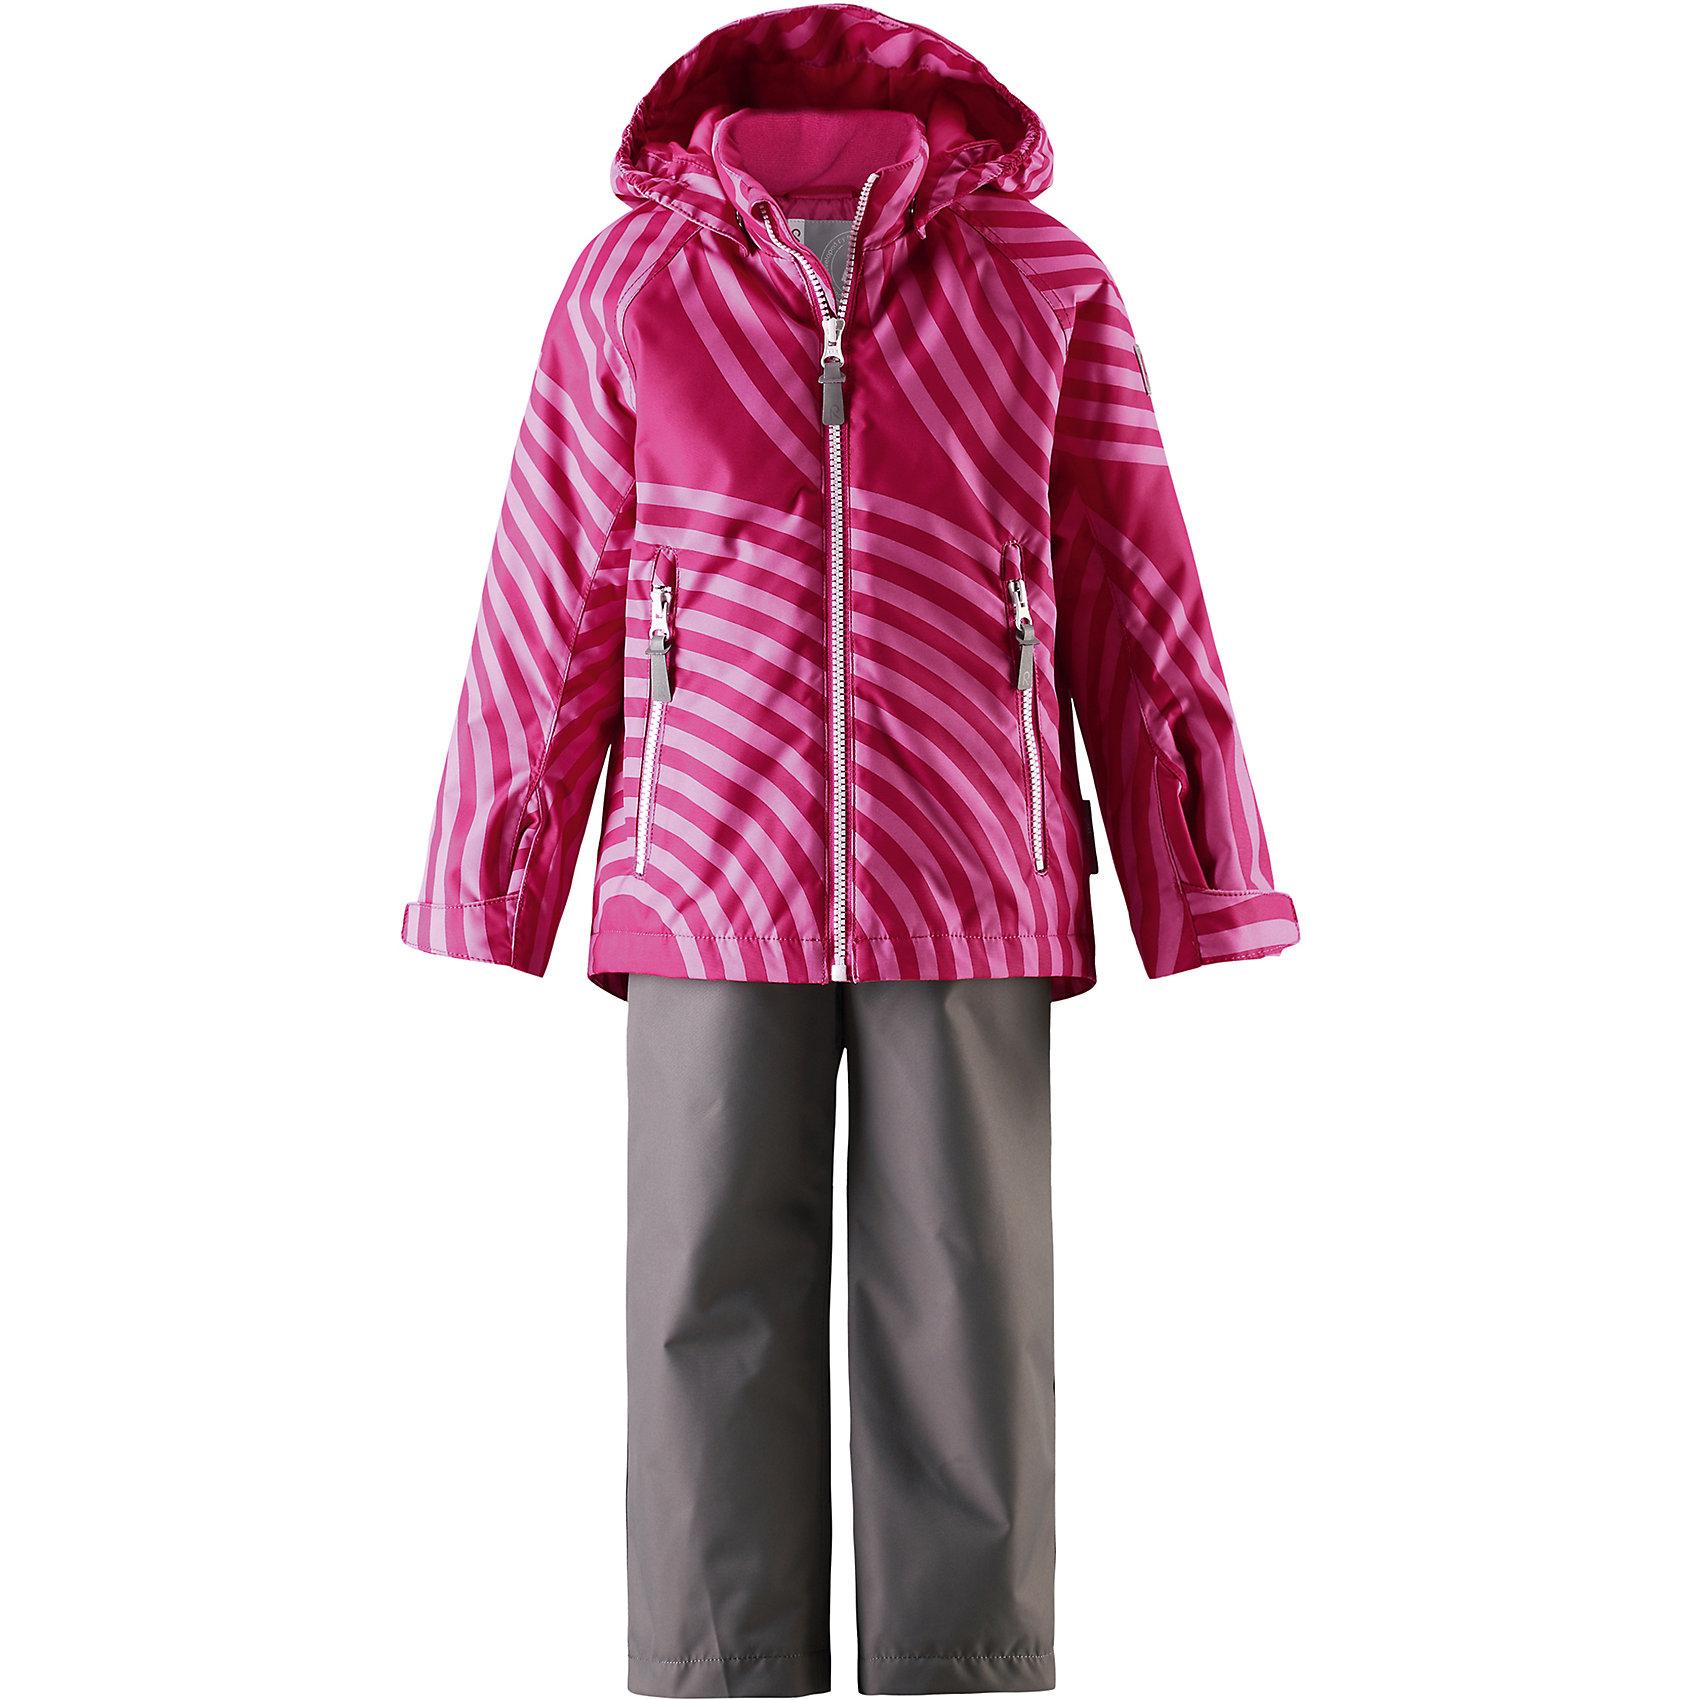 Комплект Seili: куртка и брюки для девочки Reimatec® ReimaОдежда<br>Характеристики товара:<br><br>• цвет: розовый/серый<br>• состав: 100% полиэстер, полиуретановое покрытие<br>• температурный режим: от 0° до +10°С<br>• легкий утеплитель: 80 гр/м2<br>• водонепроницаемость: 10000 мм<br>• воздухопроницаемость: куртка - 5000, брюки - 3000 мм<br>• износостойкость: куртка- 30000, брюки - 50000 циклов (тест Мартиндейла)<br>• основные швы проклеены, водонепроницаемы<br>• водо- и ветронепроницаемый, дышащий, грязеотталкивающий материал<br>• подкладка из мягкого полиэстера<br>• безопасный съёмный капюшон<br>• регулируемые манжеты на застёжке-липучке<br>• регулируемый подол<br>• регулируемые концы брючин<br>• комфортная посадка<br>• отстегивающиеся регулируемые подтяжки<br>• два кармана на молнии<br>• страна производства: Китай<br>• страна бренда: Финляндия<br>• коллекция: весна-лето 2017<br><br>Демисезонный комплект из куртки и штанов поможет обеспечить ребенку комфорт и тепло. Предметы отлично смотрятся с различной одеждой. Комплект удобно сидит и модно выглядит. Материал отлично подходит для дождливой погоды. Стильный дизайн разрабатывался специально для детей.<br><br>Обувь и одежда от финского бренда Reima пользуются популярностью во многих странах. Они стильные, качественные и удобные. Для производства продукции используются только безопасные, проверенные материалы и фурнитура.<br><br>Комплект: куртка и брюки для девочки Reimatec® от финского бренда Reima (Рейма) можно купить в нашем интернет-магазине.<br><br>Ширина мм: 356<br>Глубина мм: 10<br>Высота мм: 245<br>Вес г: 519<br>Цвет: розовый<br>Возраст от месяцев: 72<br>Возраст до месяцев: 84<br>Пол: Женский<br>Возраст: Детский<br>Размер: 122,116,110,104,98,92,128,140,134<br>SKU: 5266050